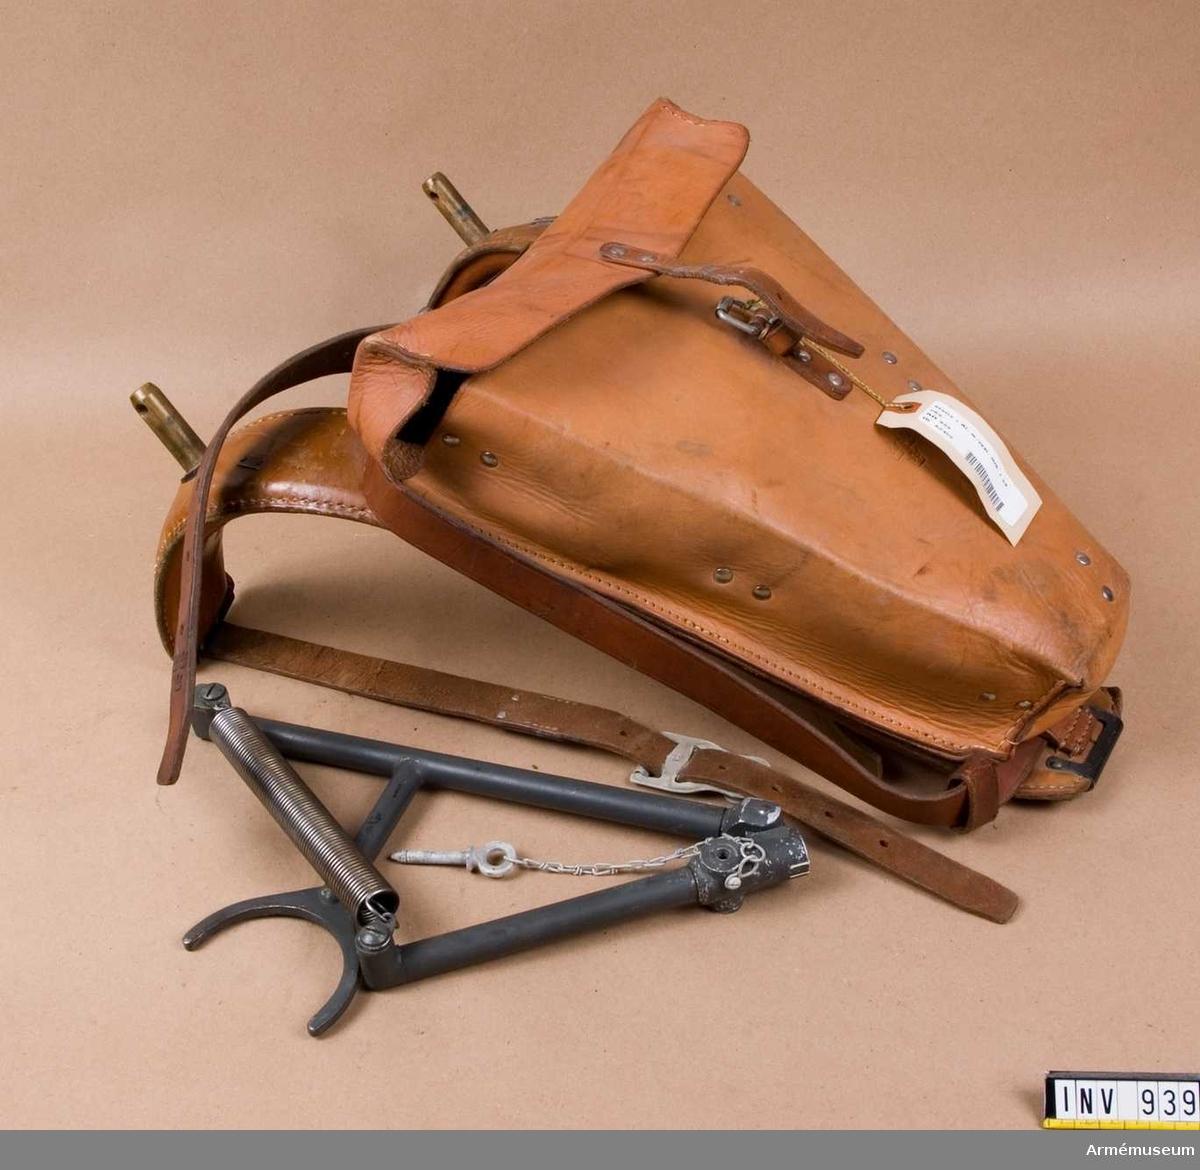 Samhörande nr är 937-938. Stativ till avståndsinstrument m/1941. Ett skulderstativ som består av en läderklädd mes med livrem och två bröstremmar samt vidfästad stativväska, vänster och höger stativarm samt ett tvärstag.